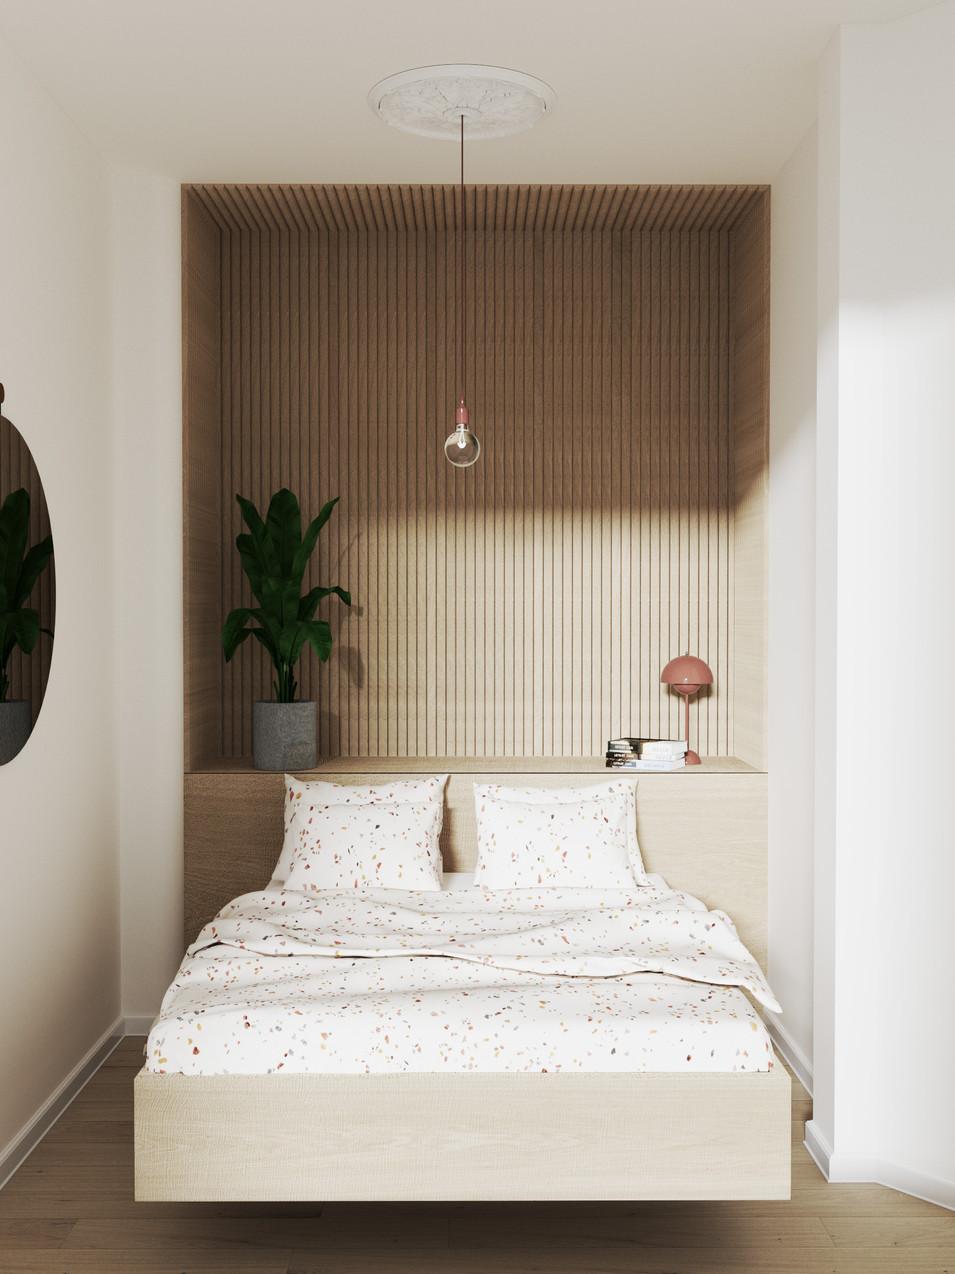 Malluvia München Marcella Breugl Innenarchitektur Schlafzimmer Bettnische Holzverkleidung